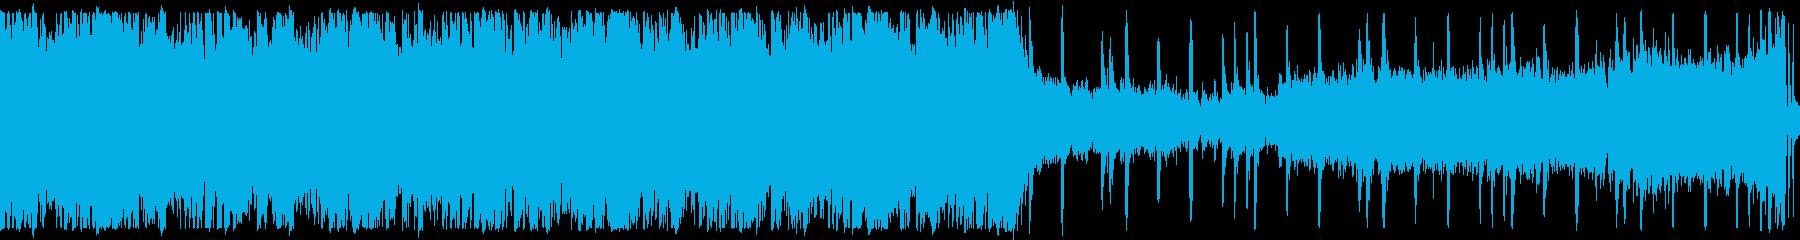 【ループ】迫力クラップ&ストンプアンセムの再生済みの波形